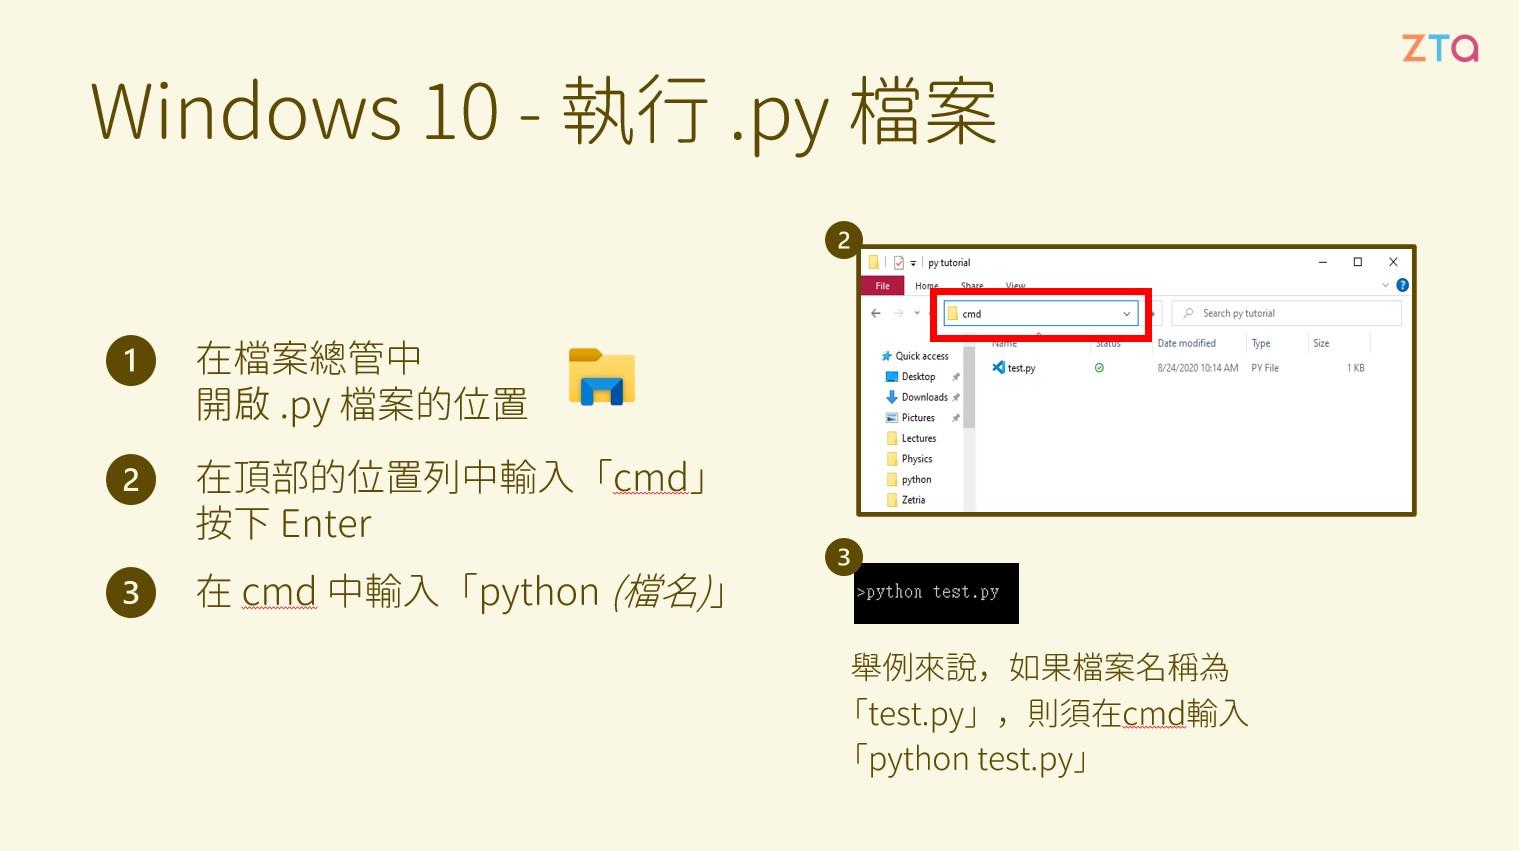 在 Windows 10 中使用 CMD 執行 Python 的 .py 檔案